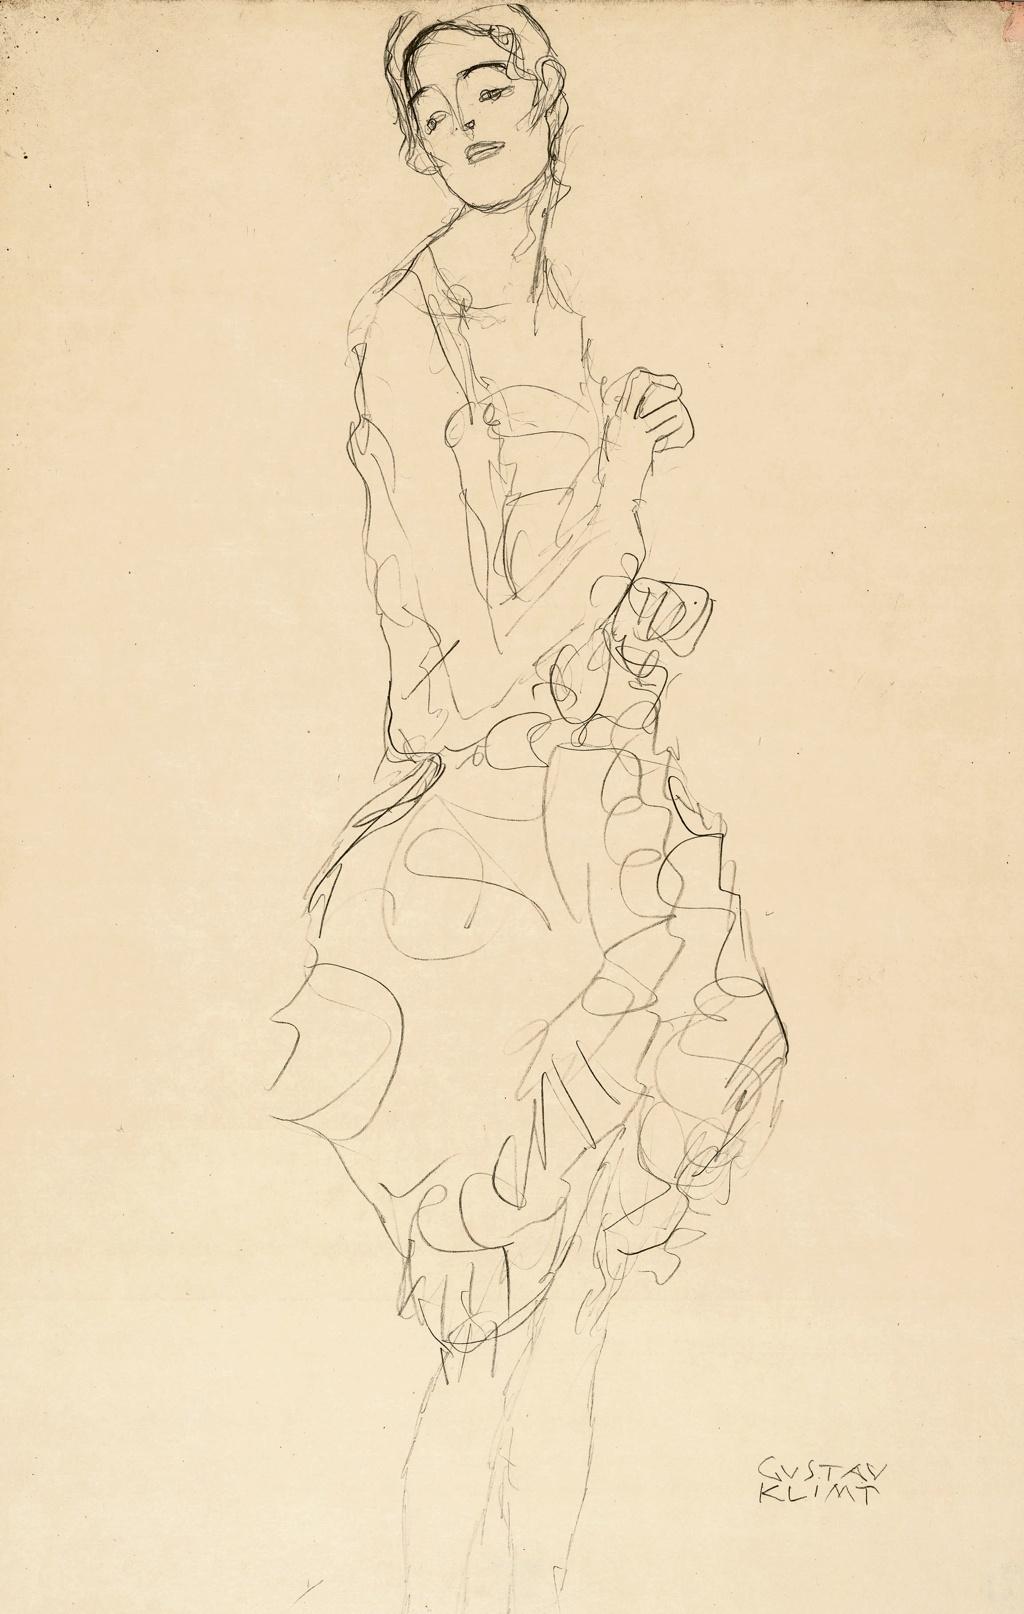 Gustav Klimt, Study for The Dancer, 1916-17